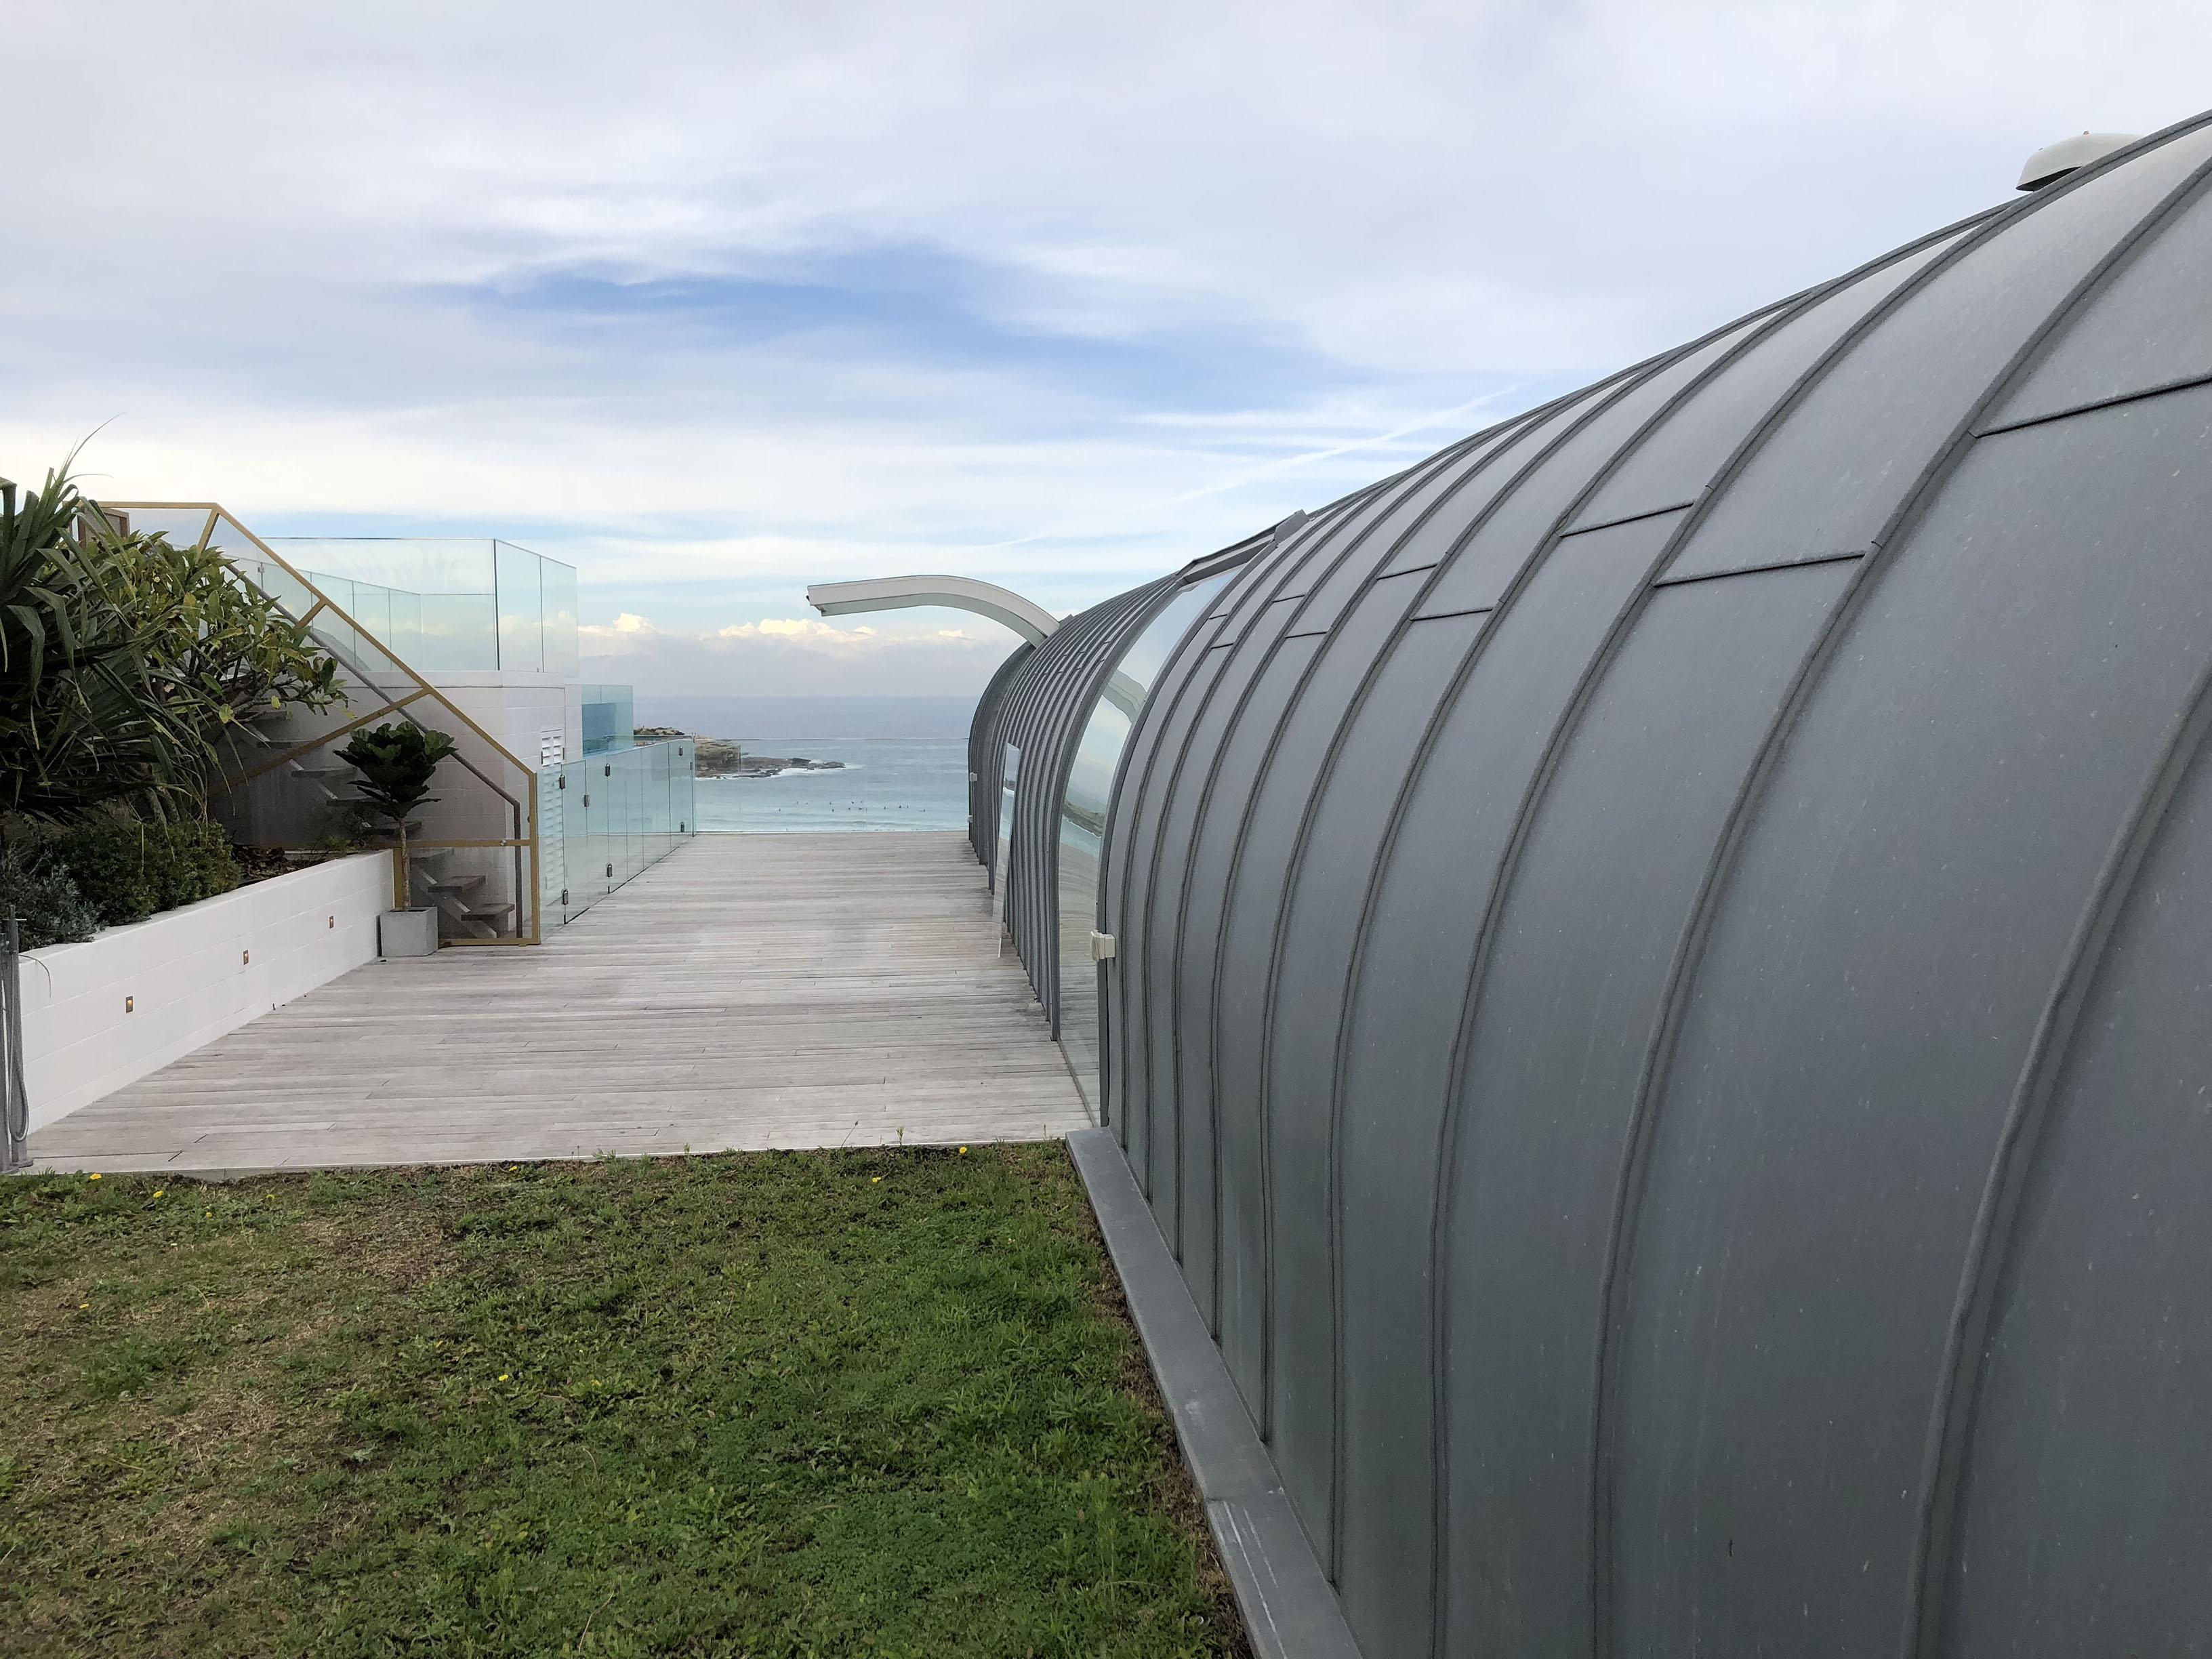 Zinc / Aluminium Roofing Sydney